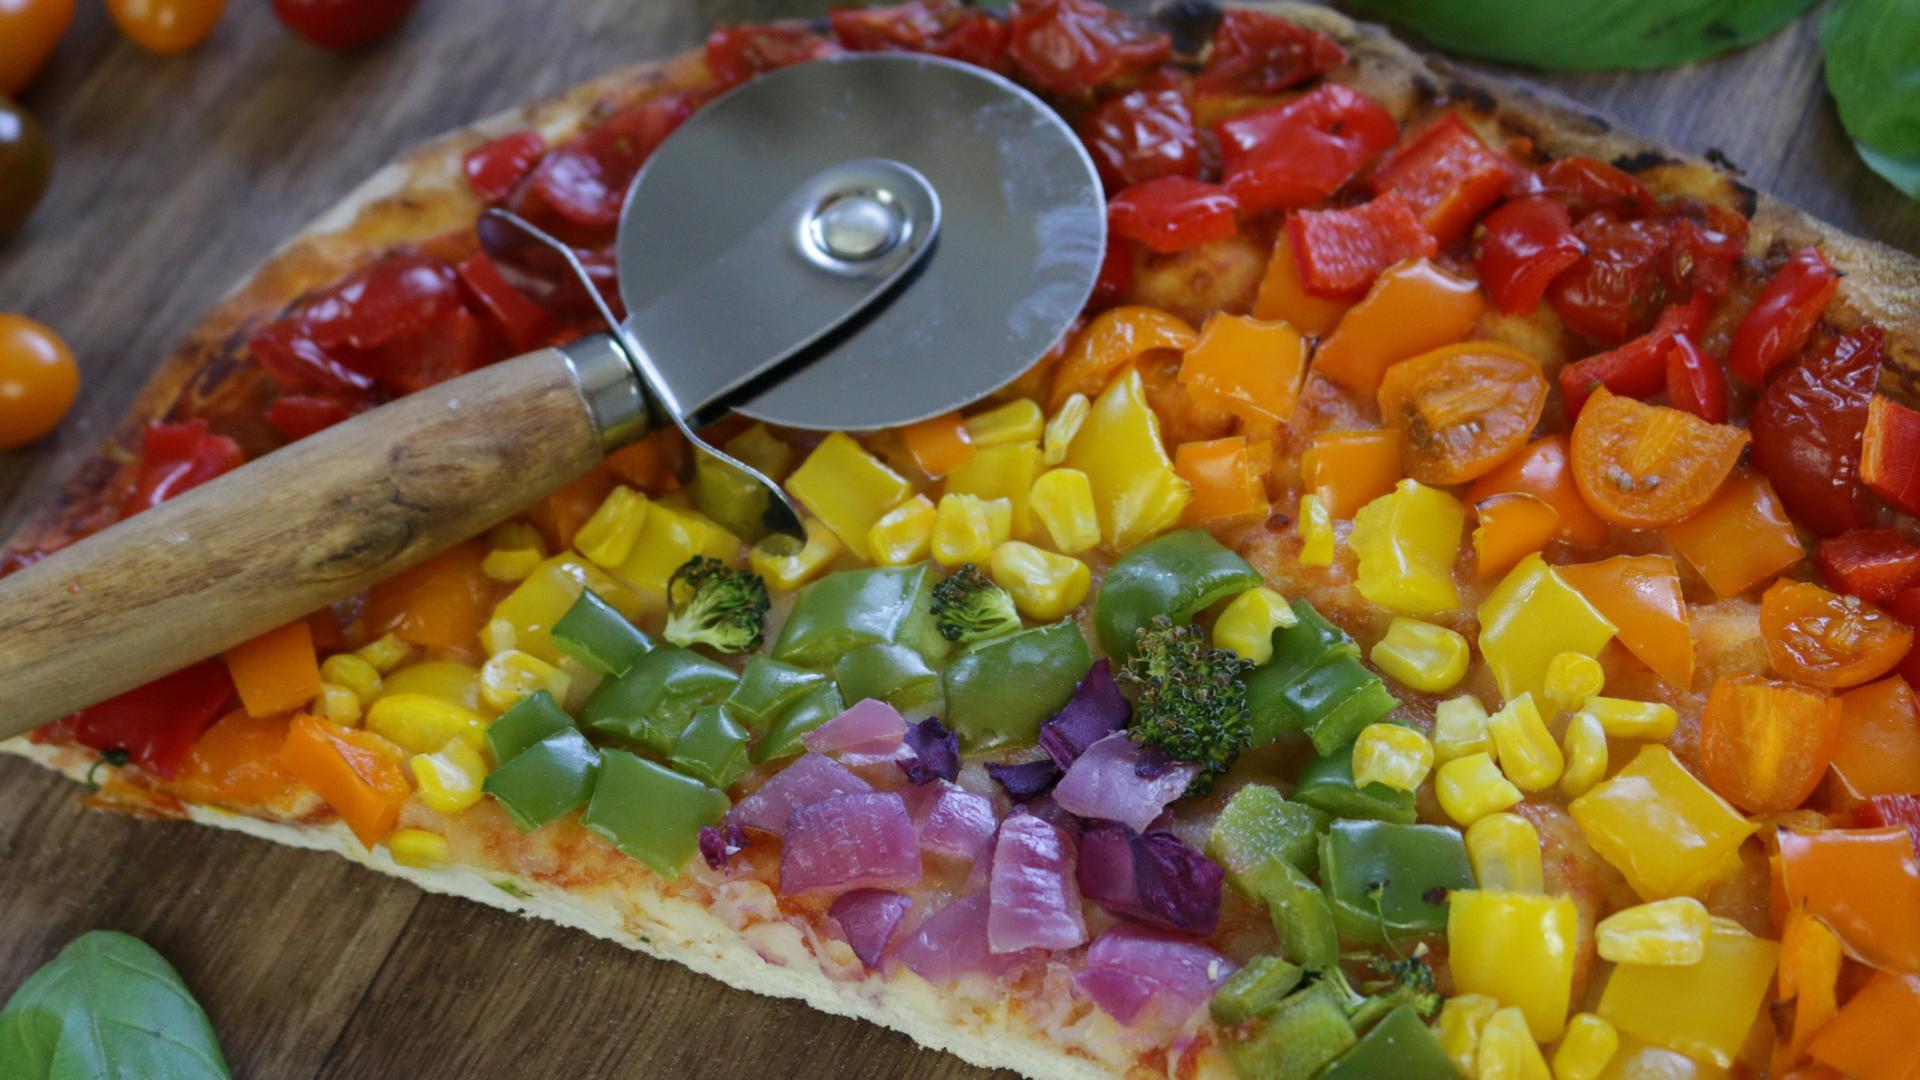 Manger un arc-en-ciel de fruits et légumes